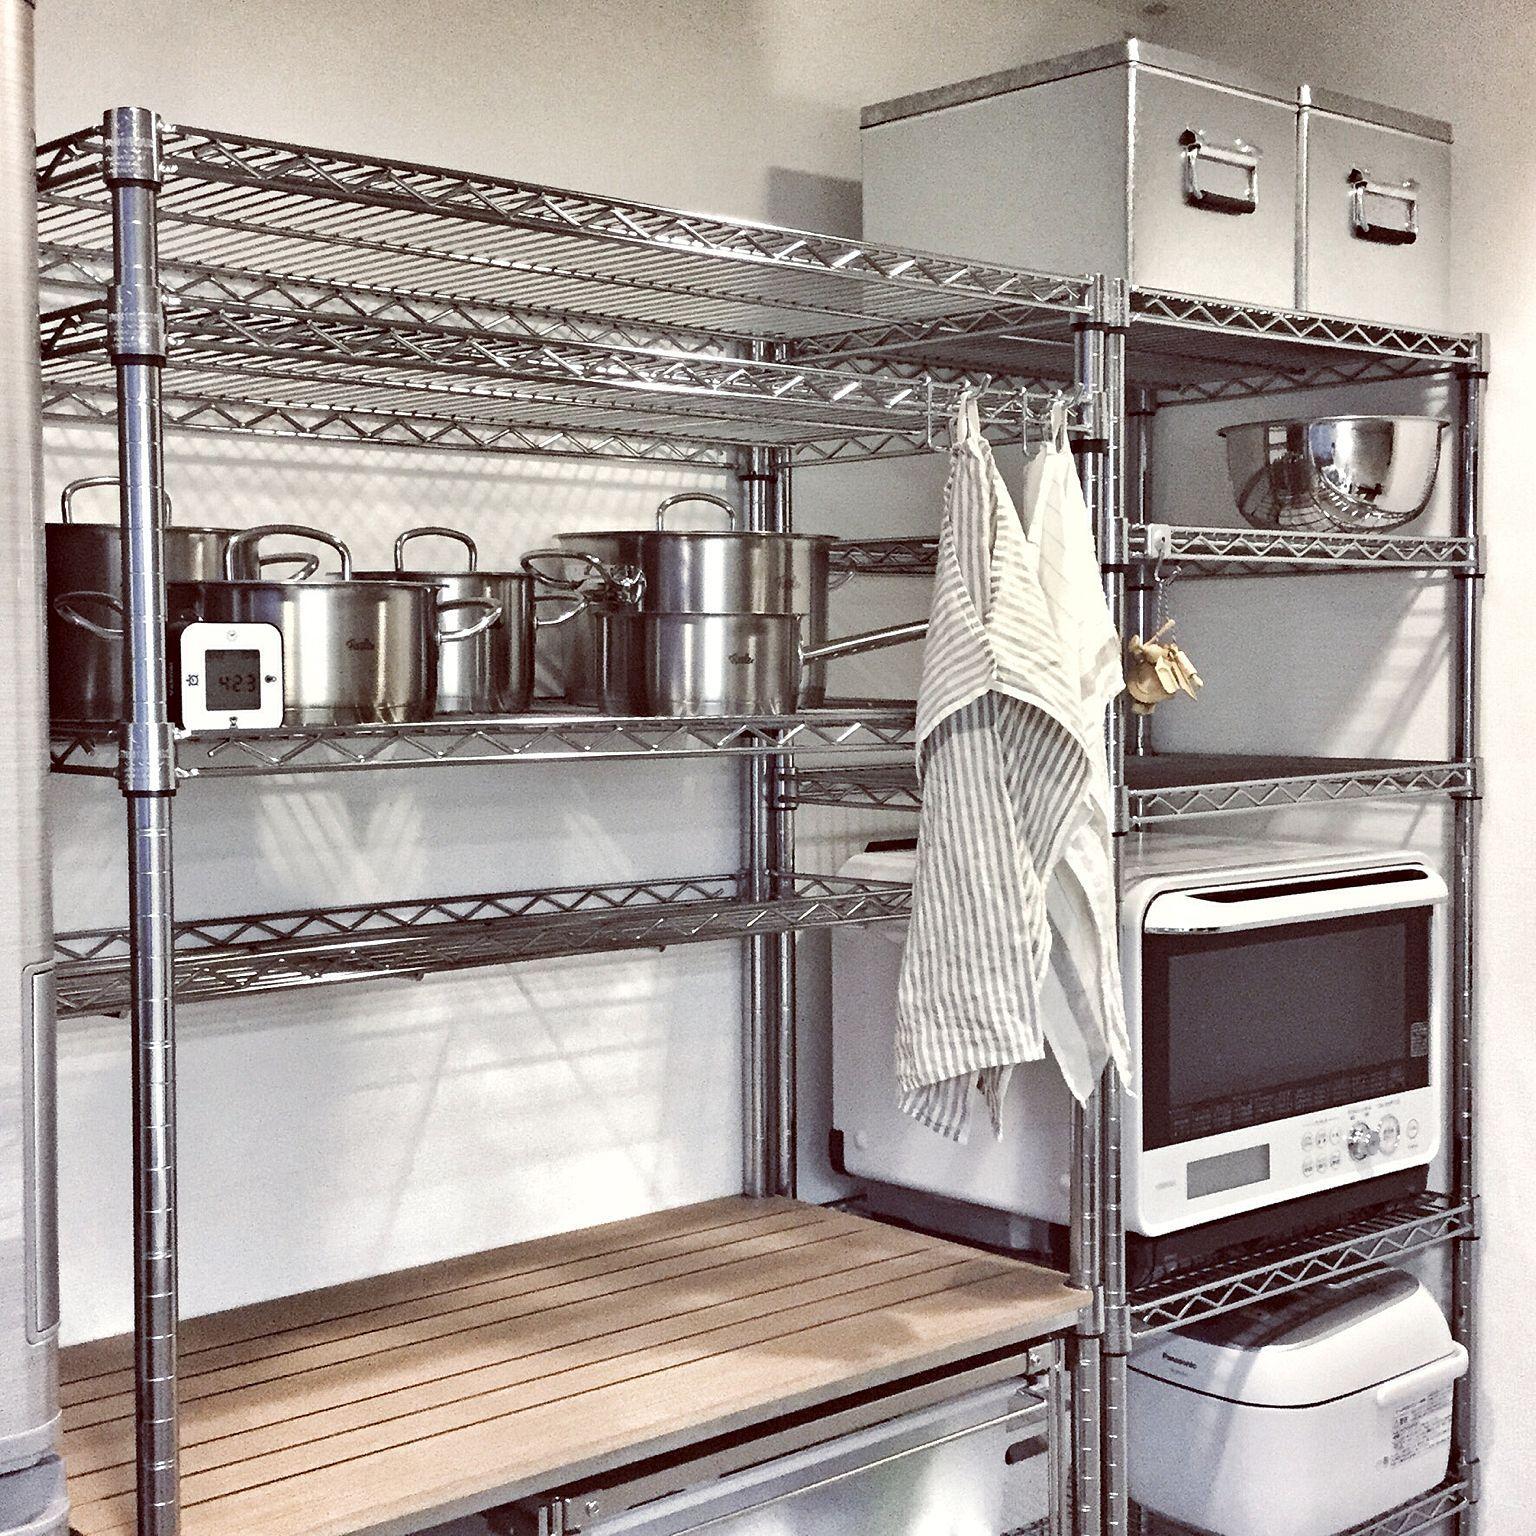 キッチン Ikea 無印良品 キッチン収納 スチールラック などの